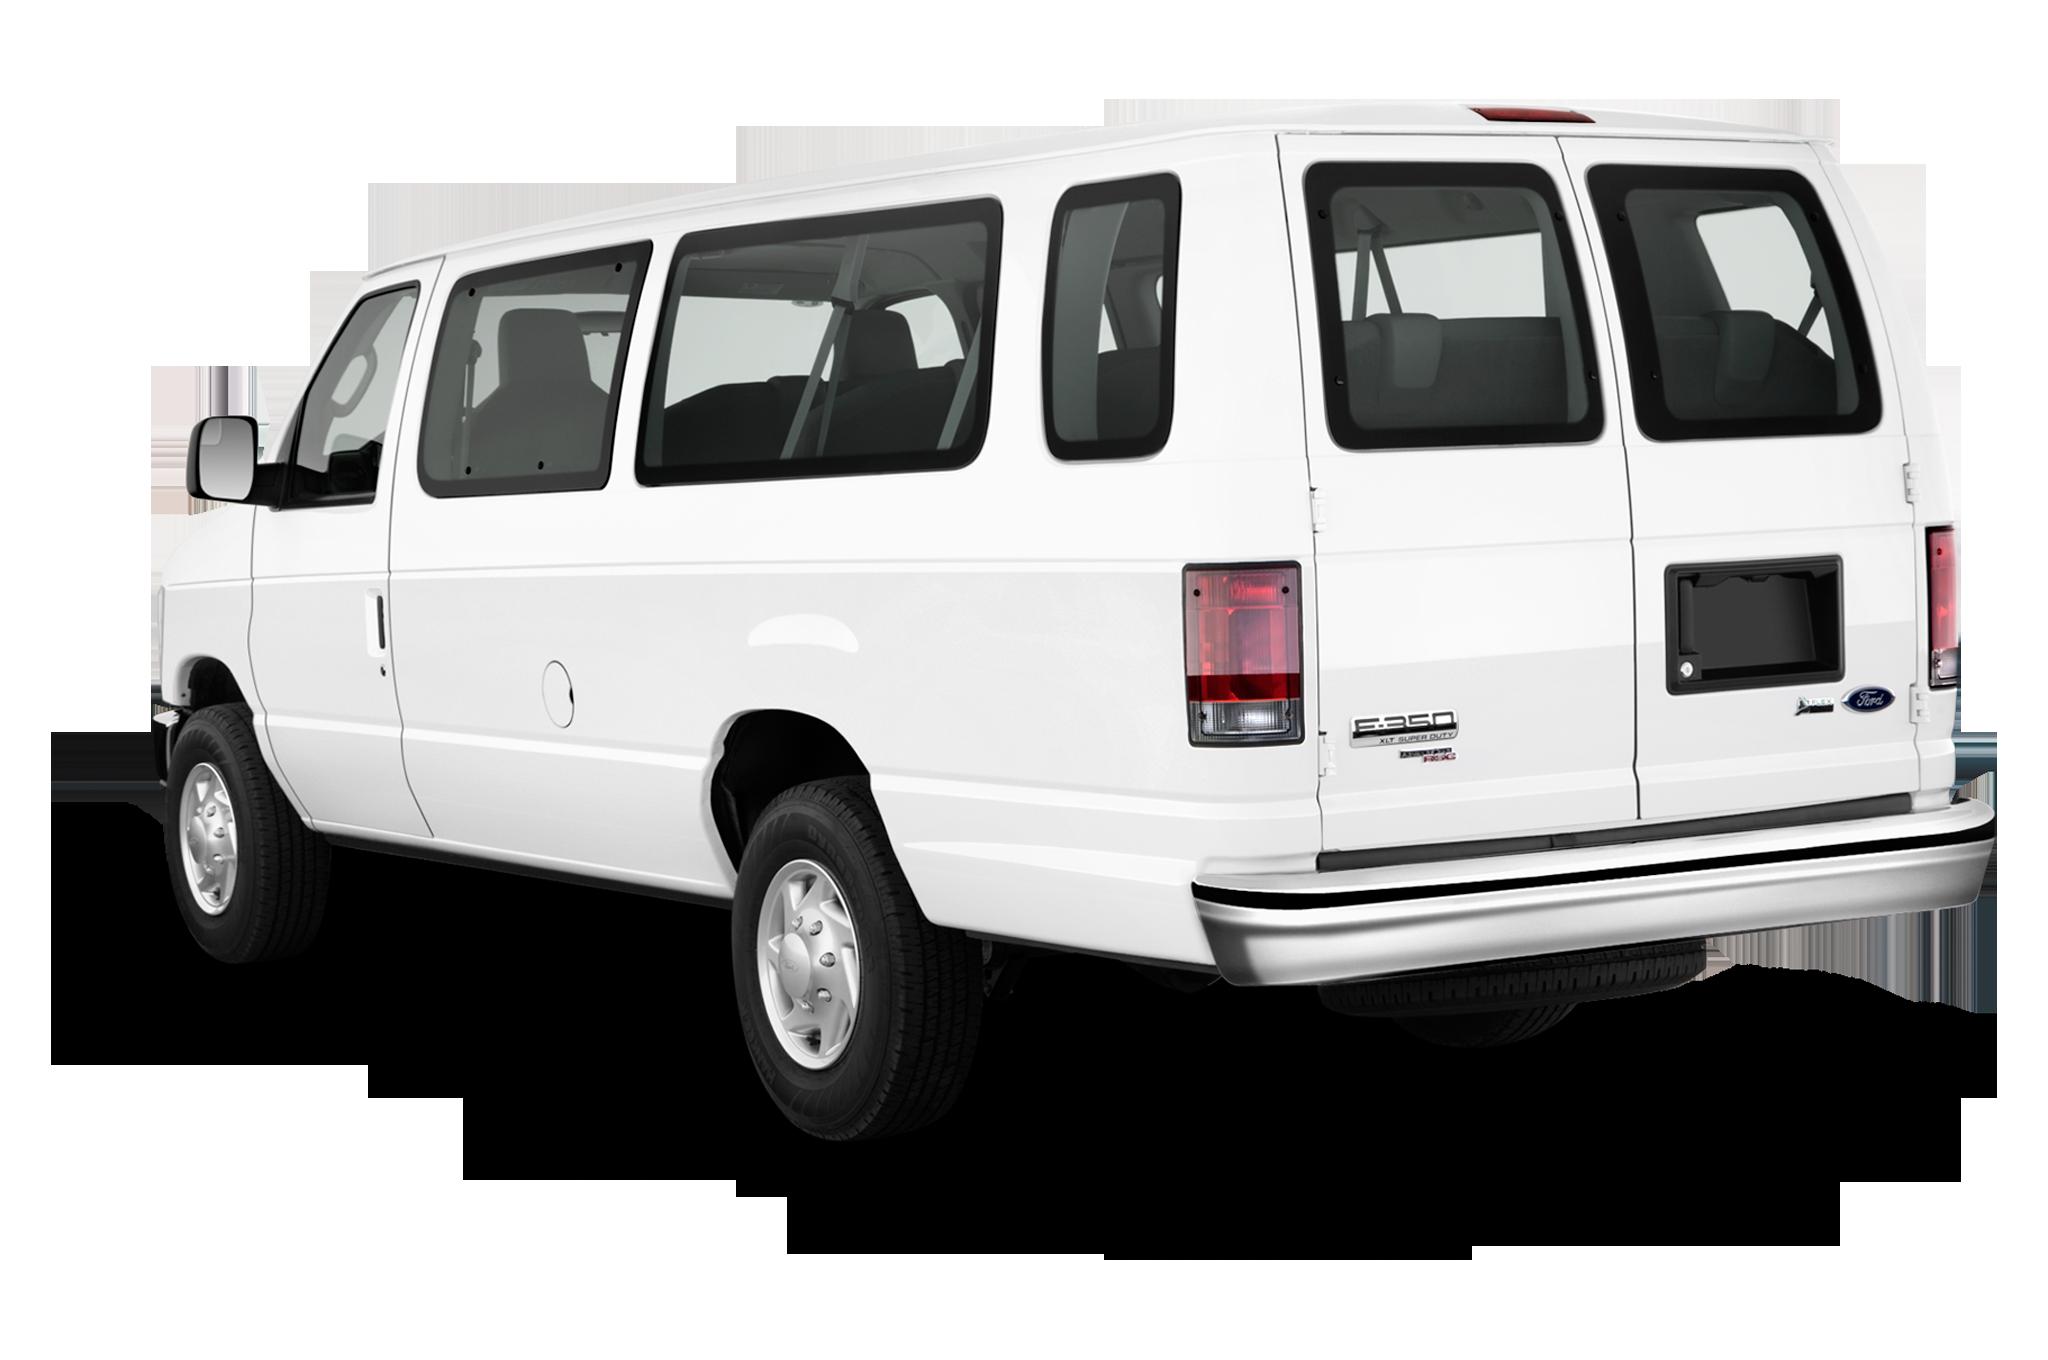 ford transit van to offer diesel engine option. Black Bedroom Furniture Sets. Home Design Ideas